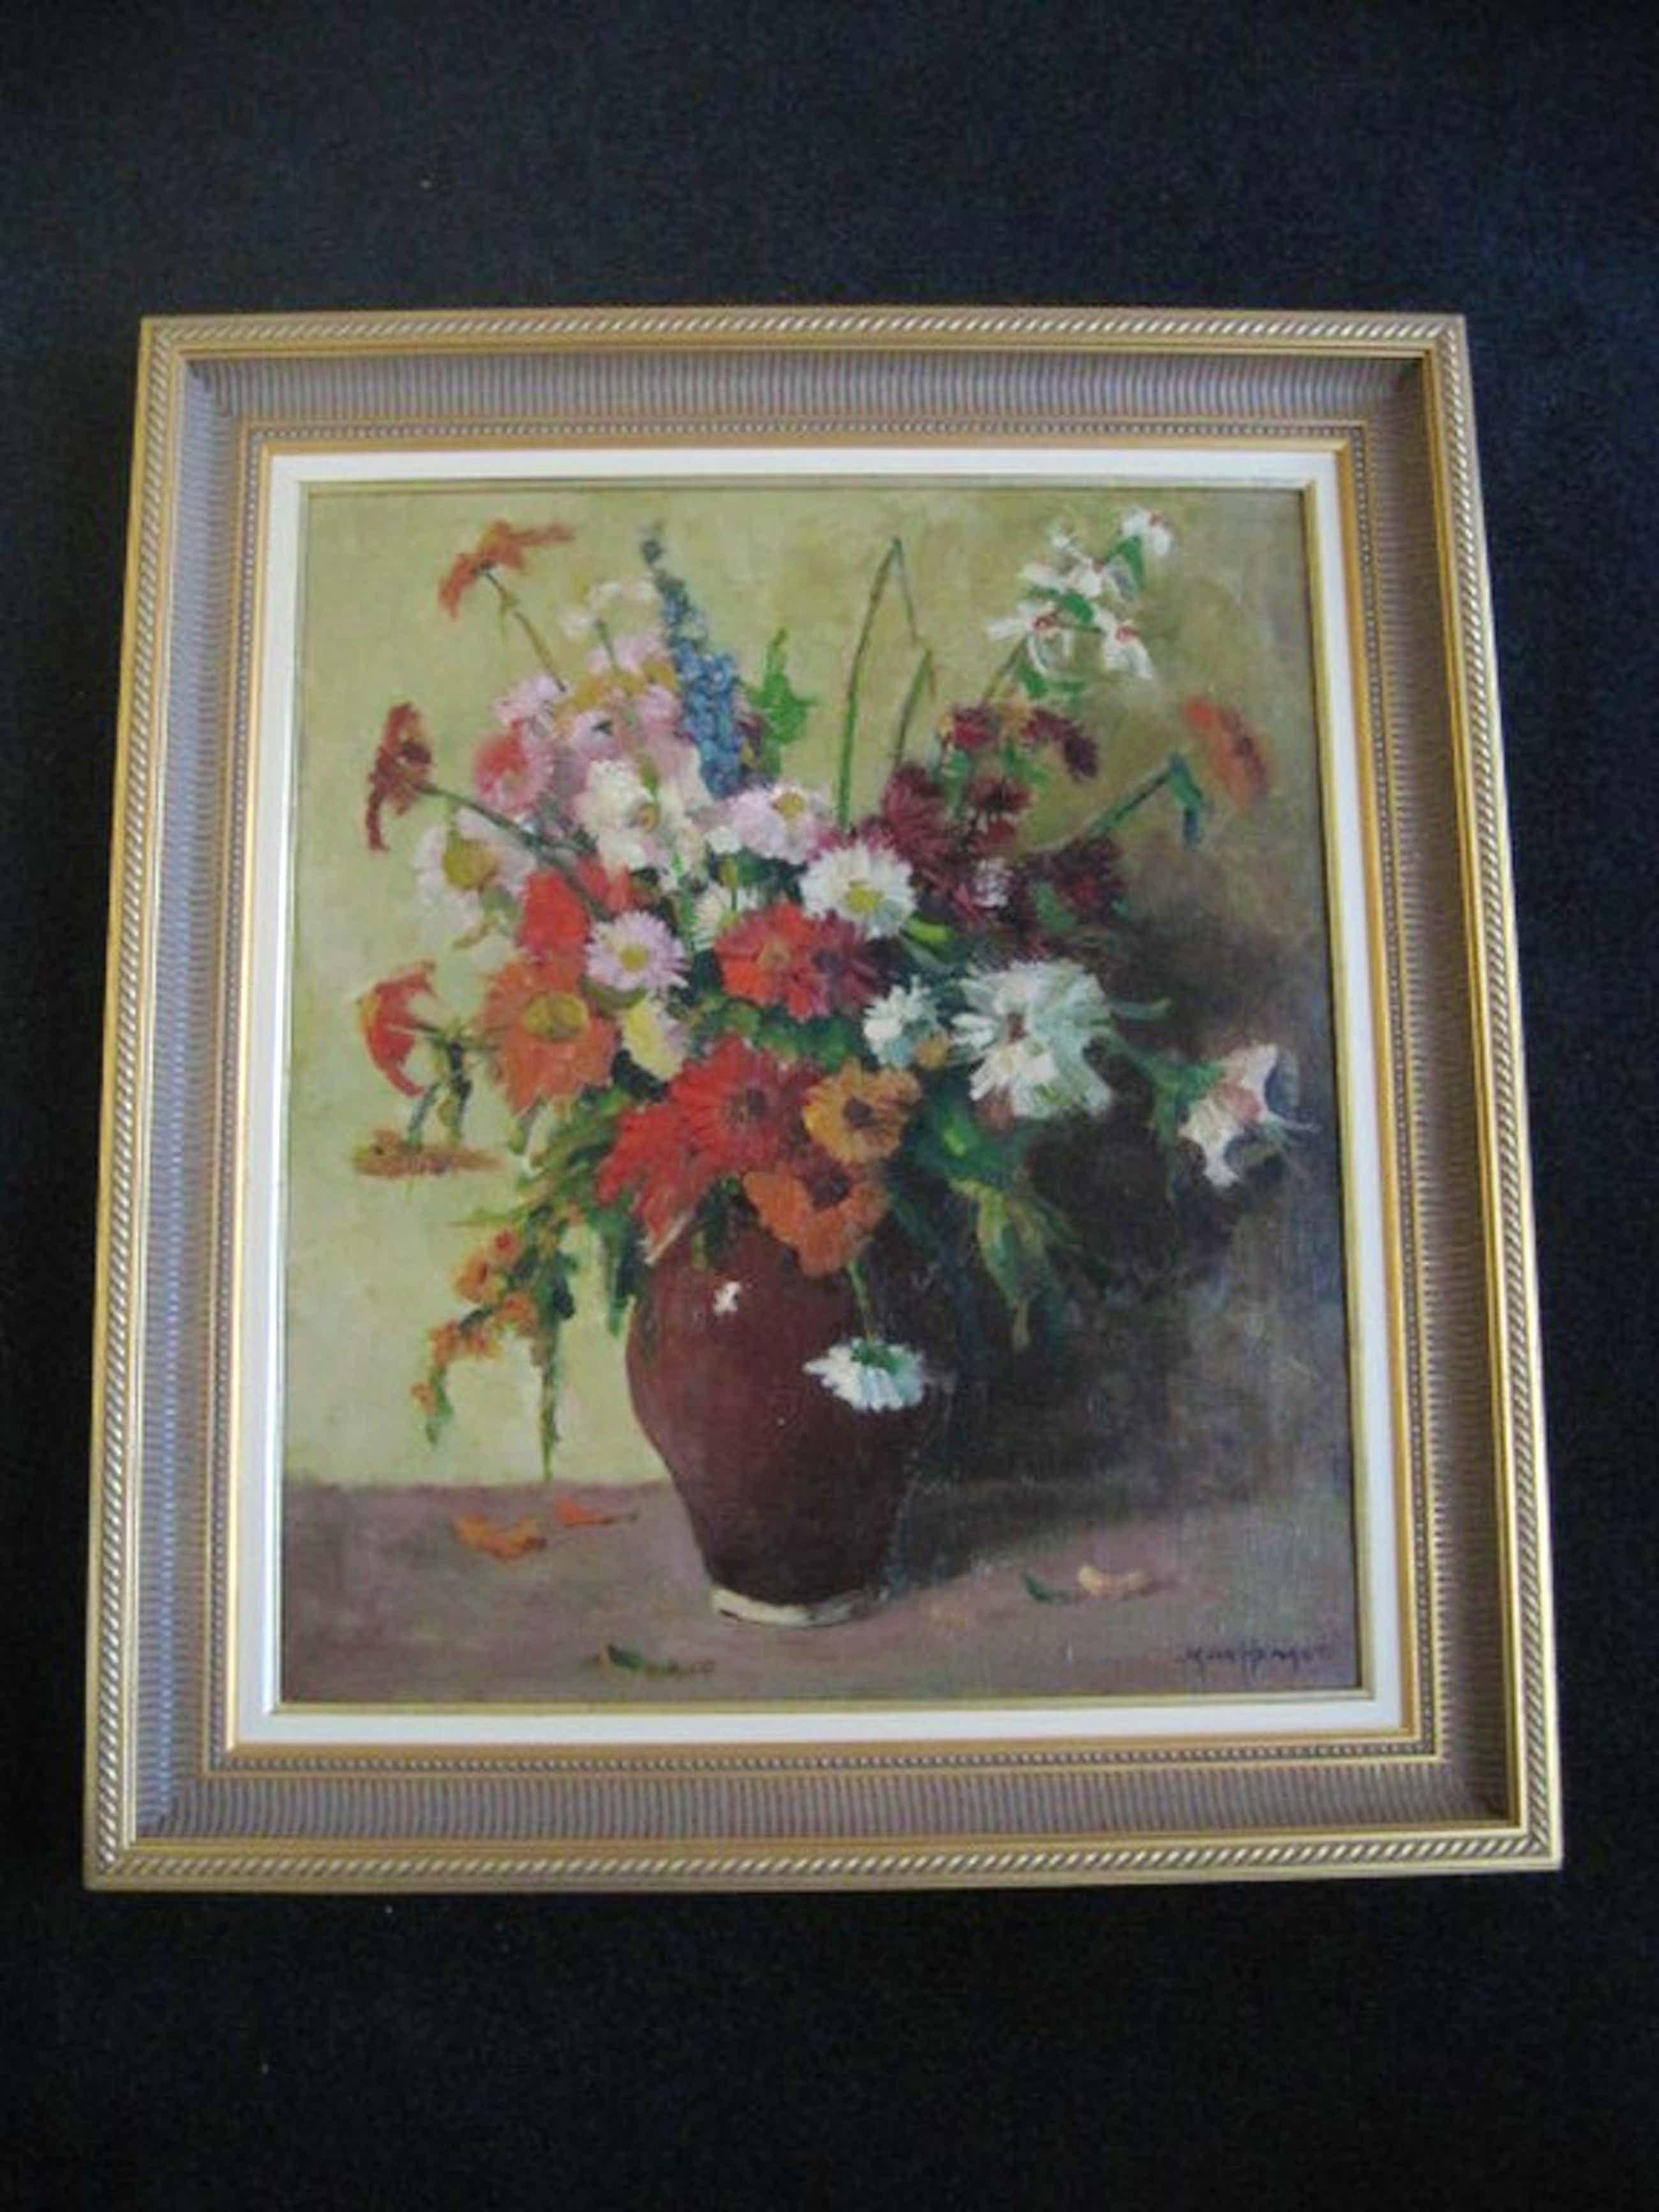 Imponerend en GROOT bloemenstilleven olieverf/doek Jan den Hengst 1904-1983 kopen? Bied vanaf 95!